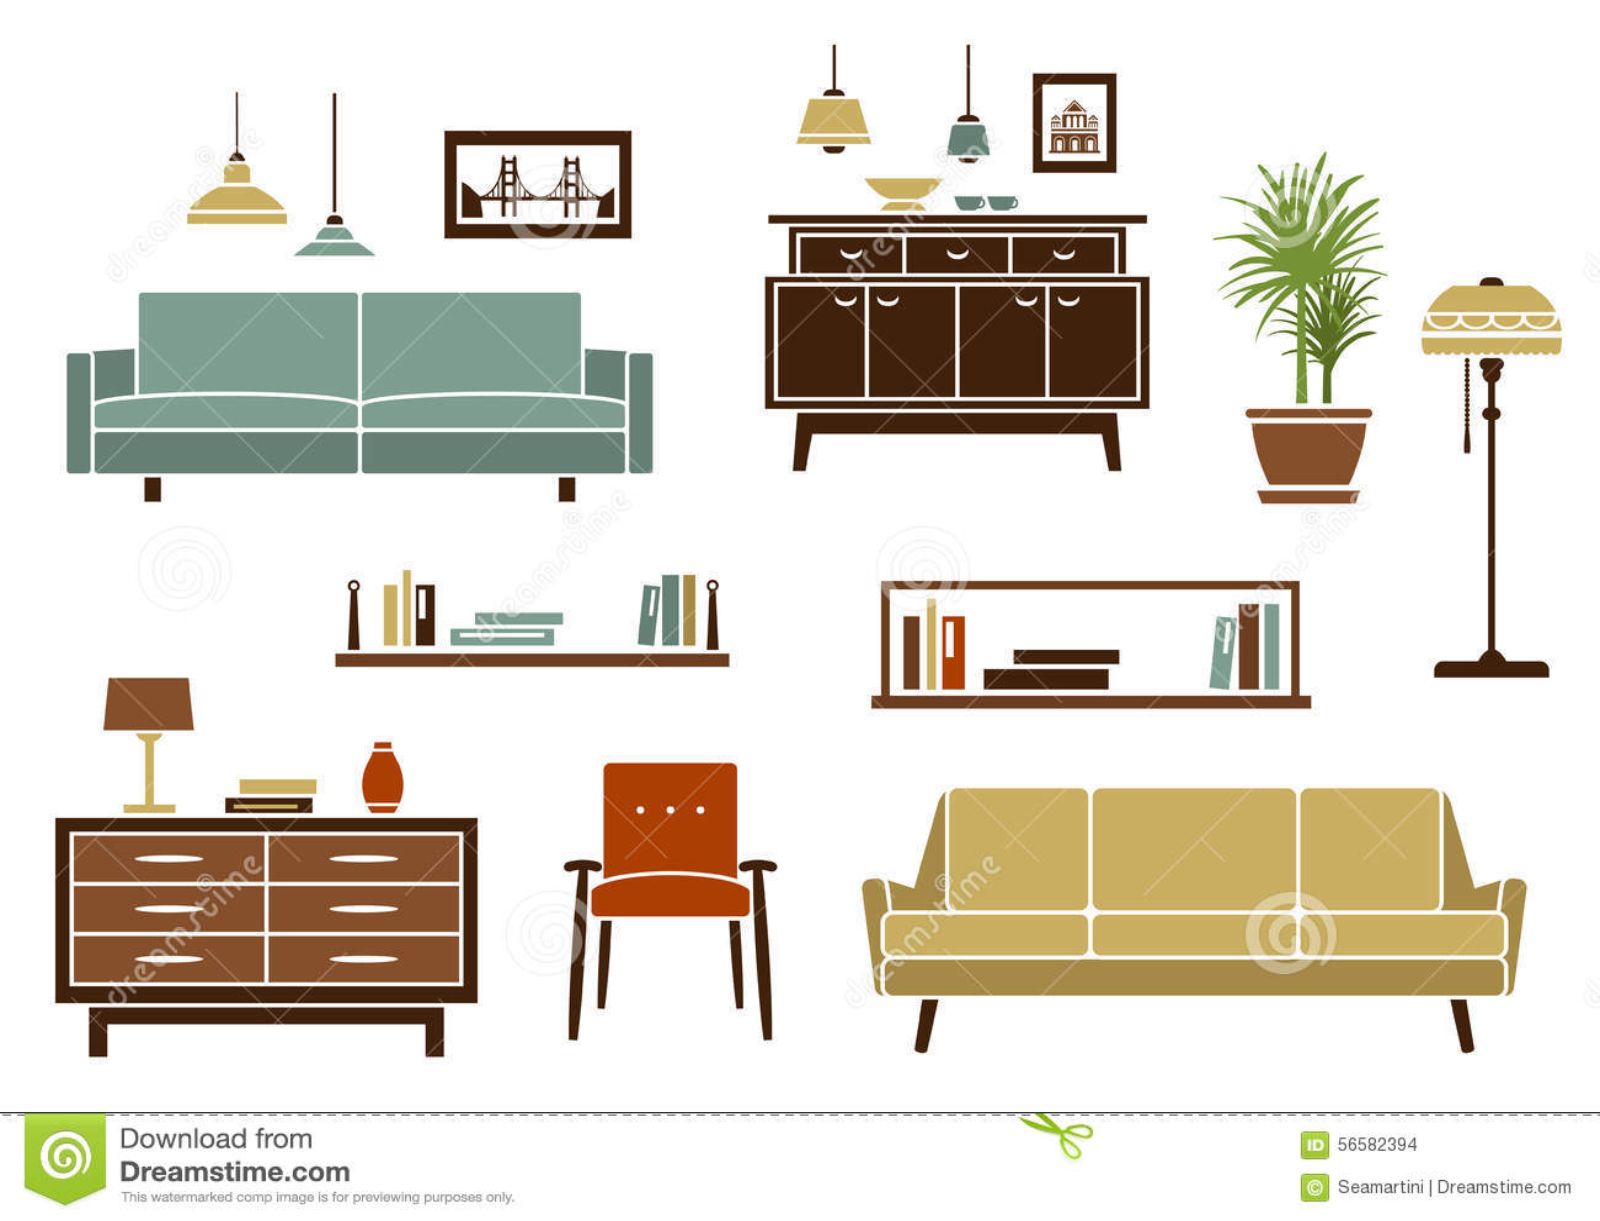 Muebles planos y accesorios interiores ilustraci n del for Planos de muebles de madera pdf